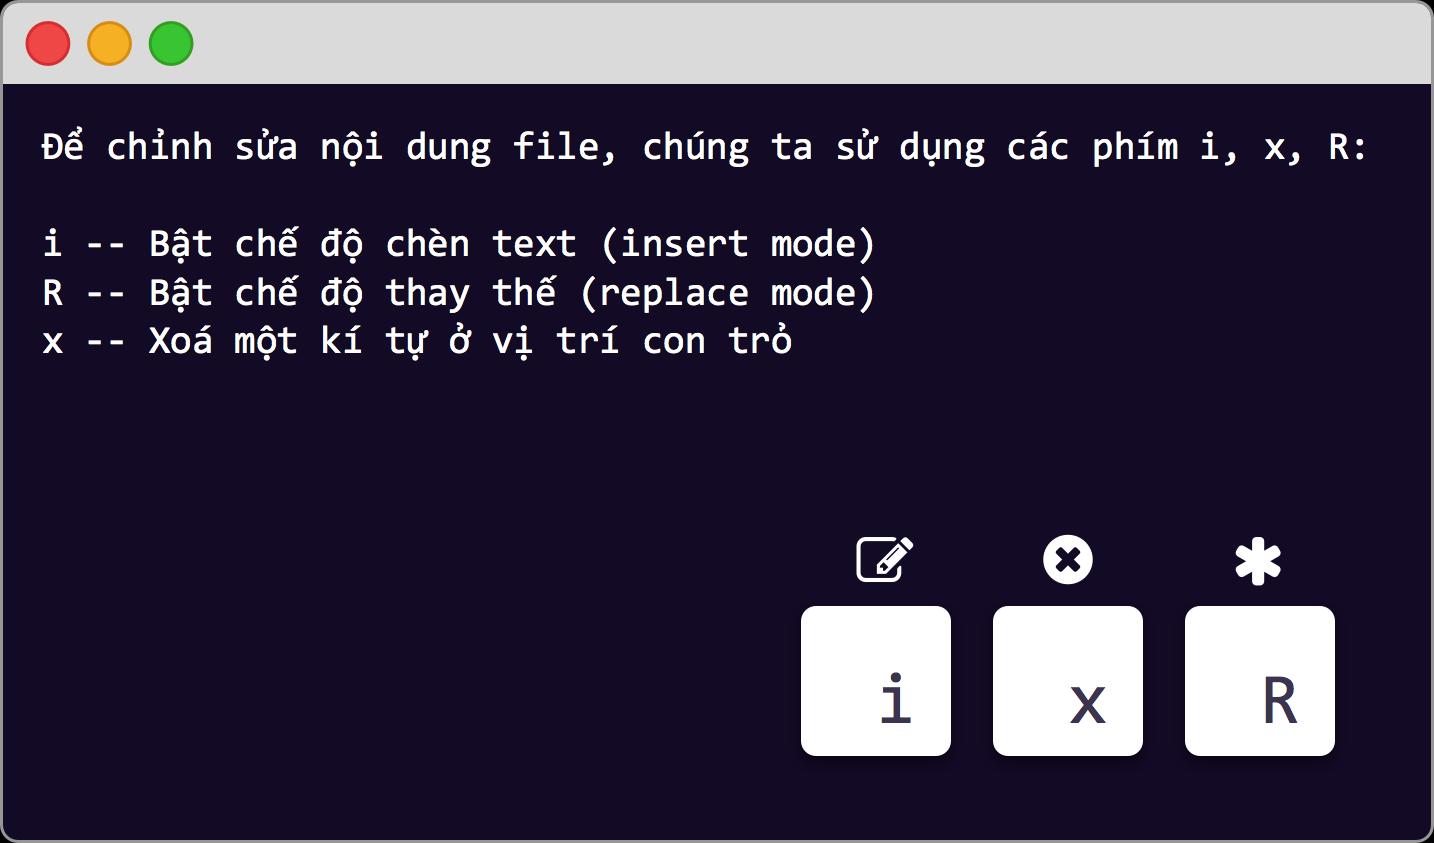 Để sửa nội dung file trong VIM